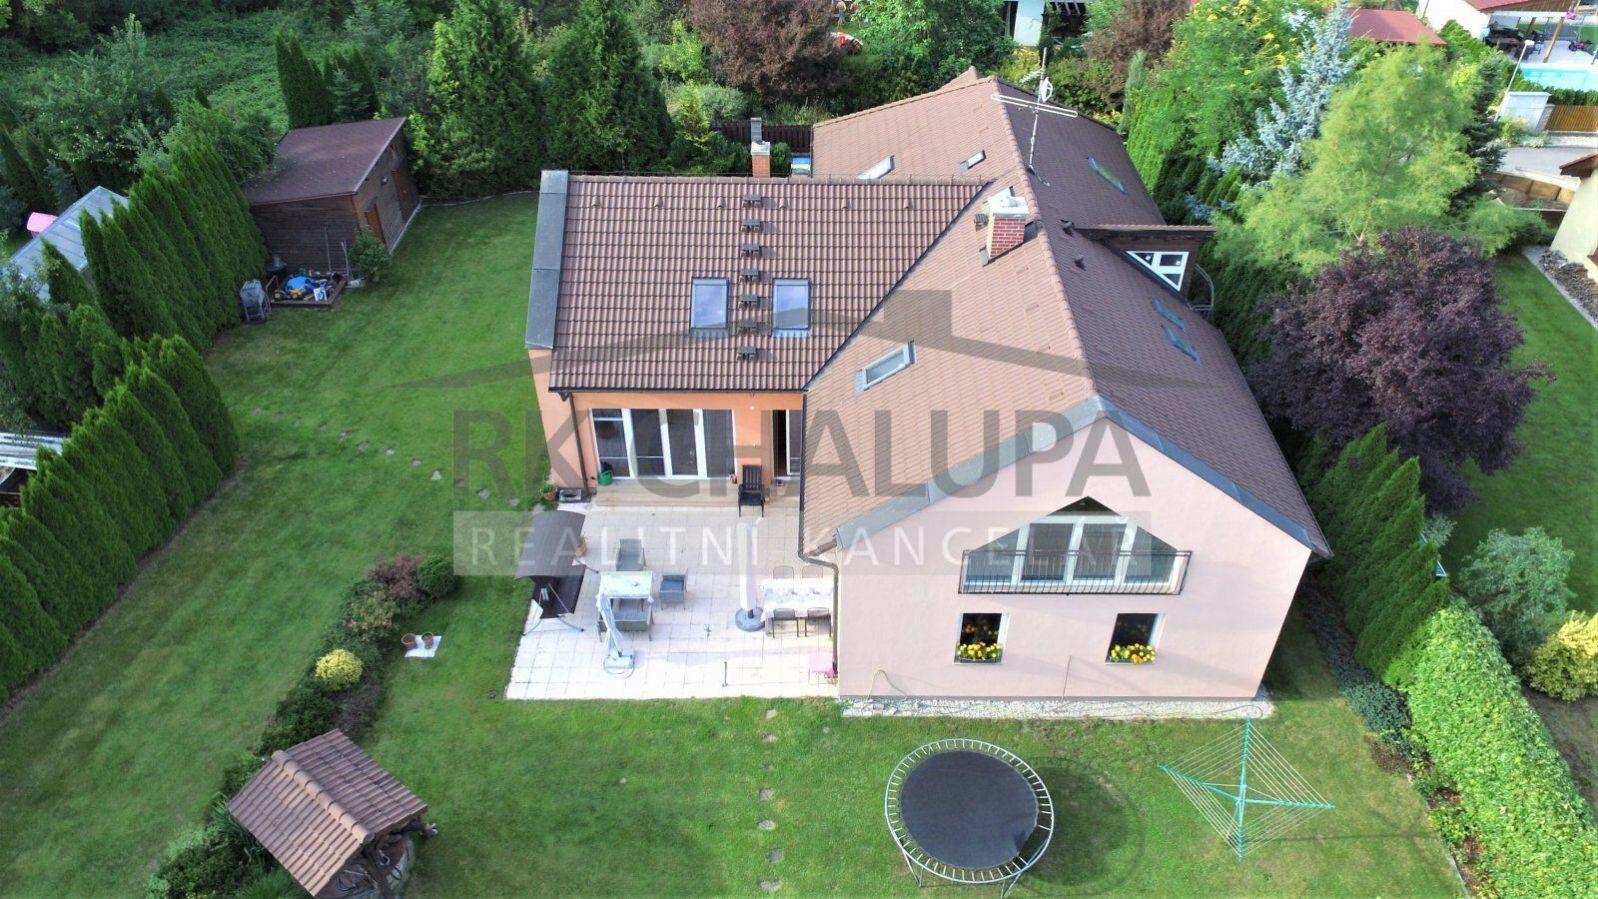 Prodej nadstandardního rodinného domu, 8+1, Šindlovy Dvory, Litvínovice, 2.179 m2, jezírko, pergola